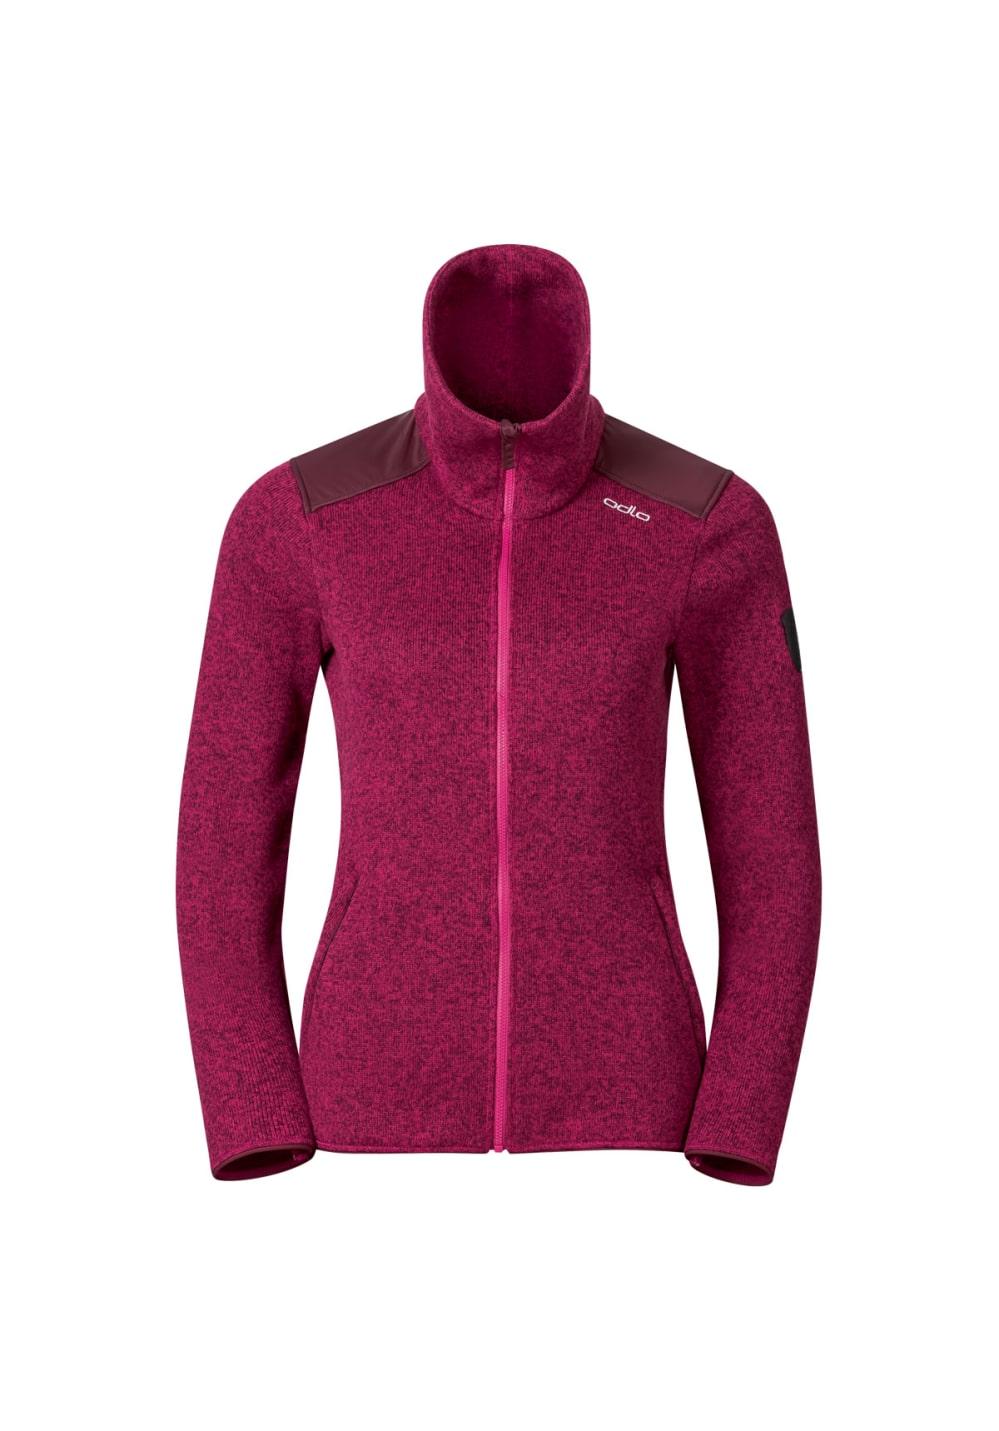 Odlo Midlayer Full Zip Lucma X - Laufshirts für Damen - Pink, Gr. S